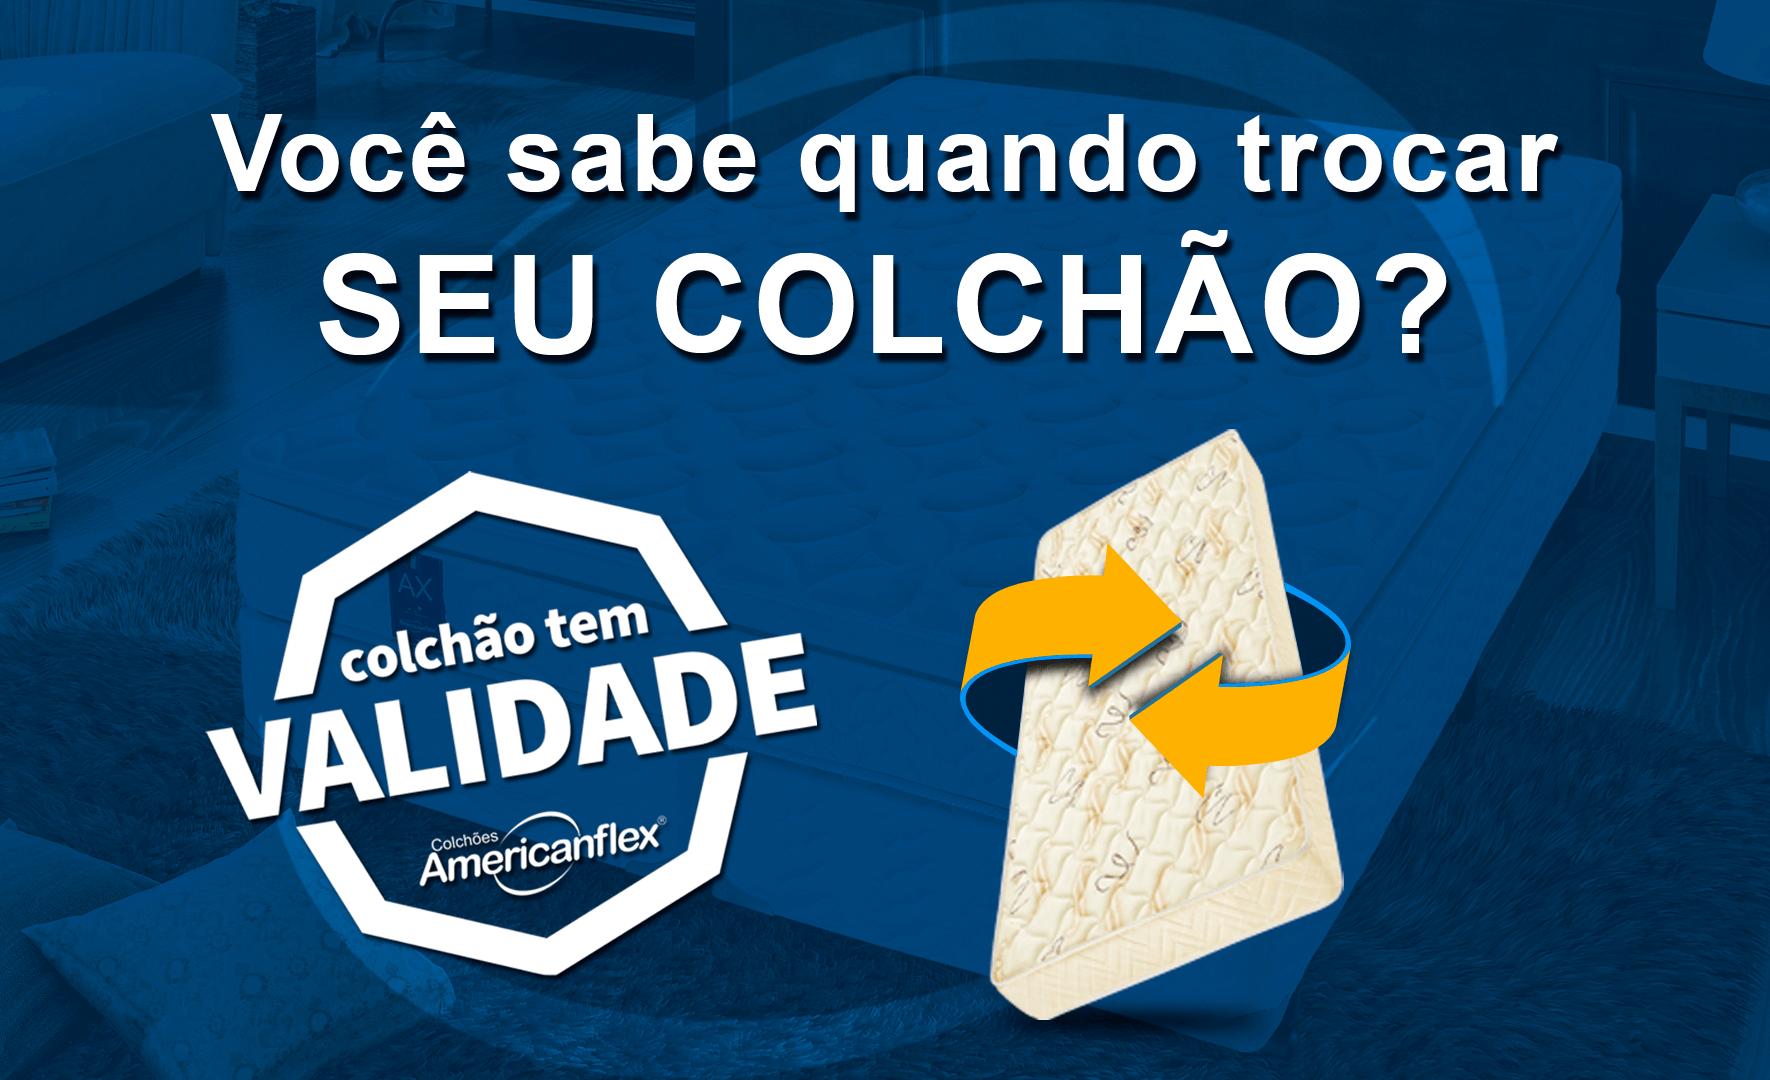 Quiz - Colchão tem validade!